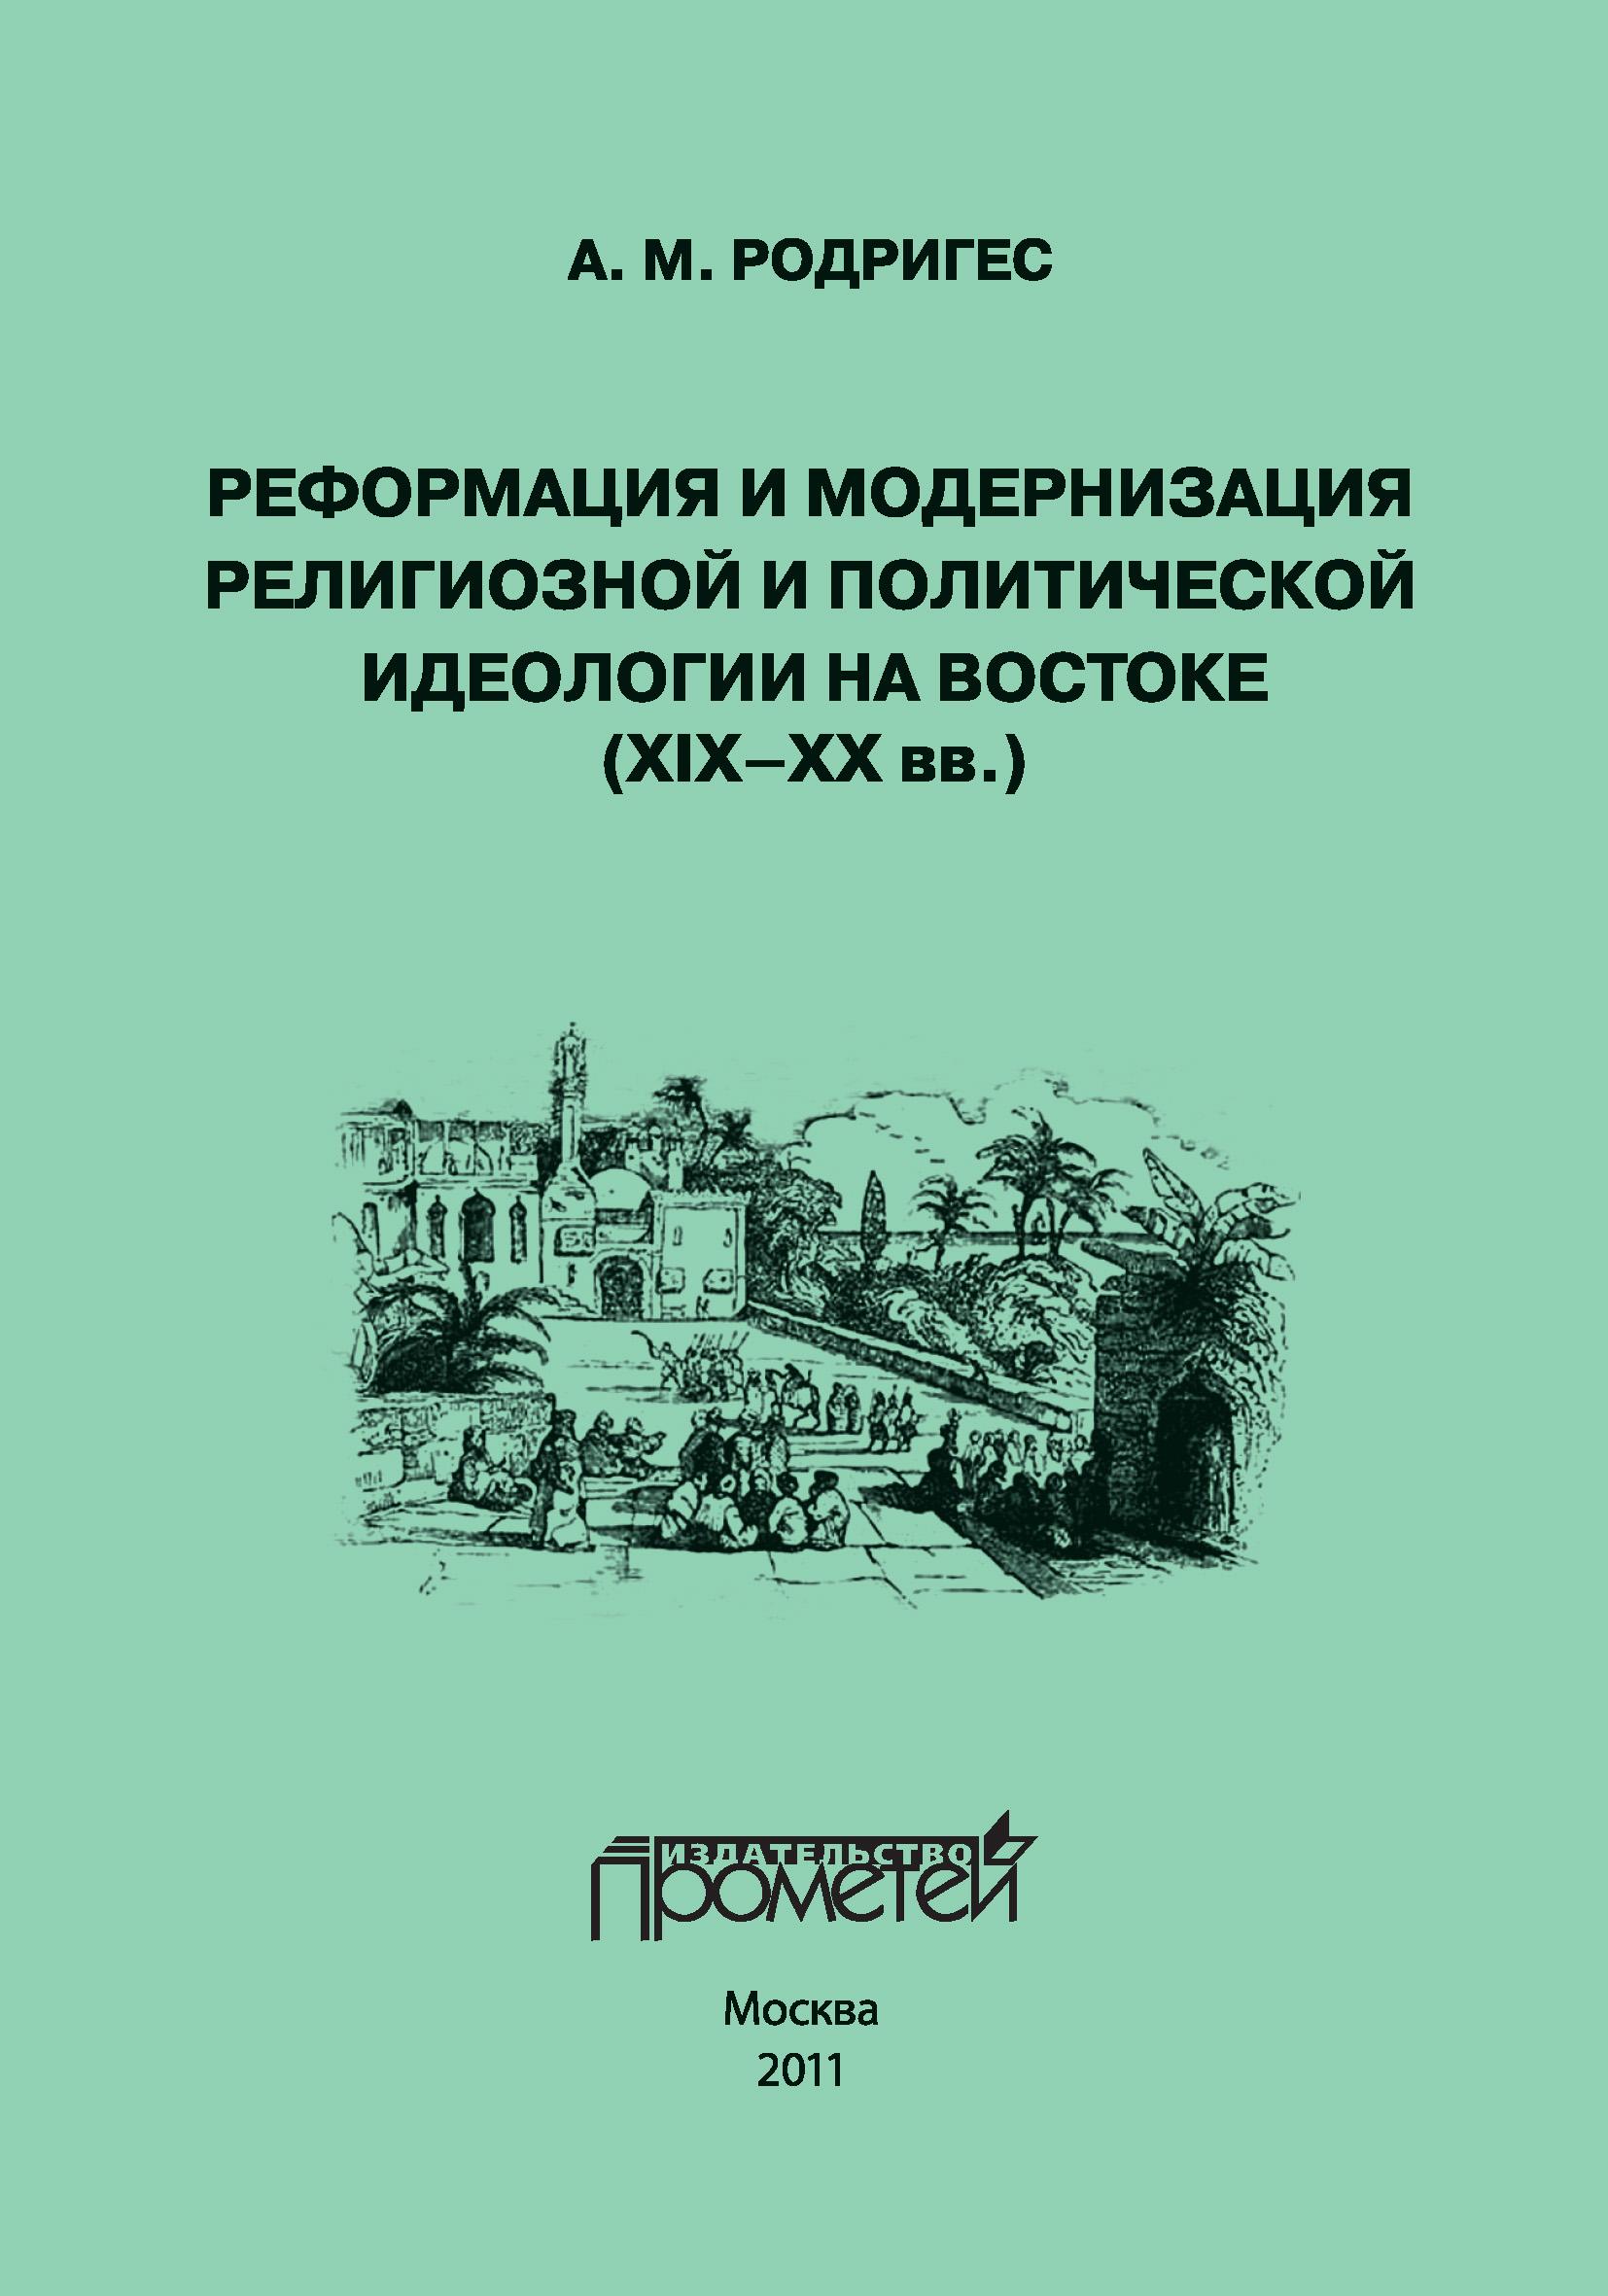 А. М. Родригес Реформация и модернизация религиозной и политической идеологии на Востоке (XIX-XX вв.) цена